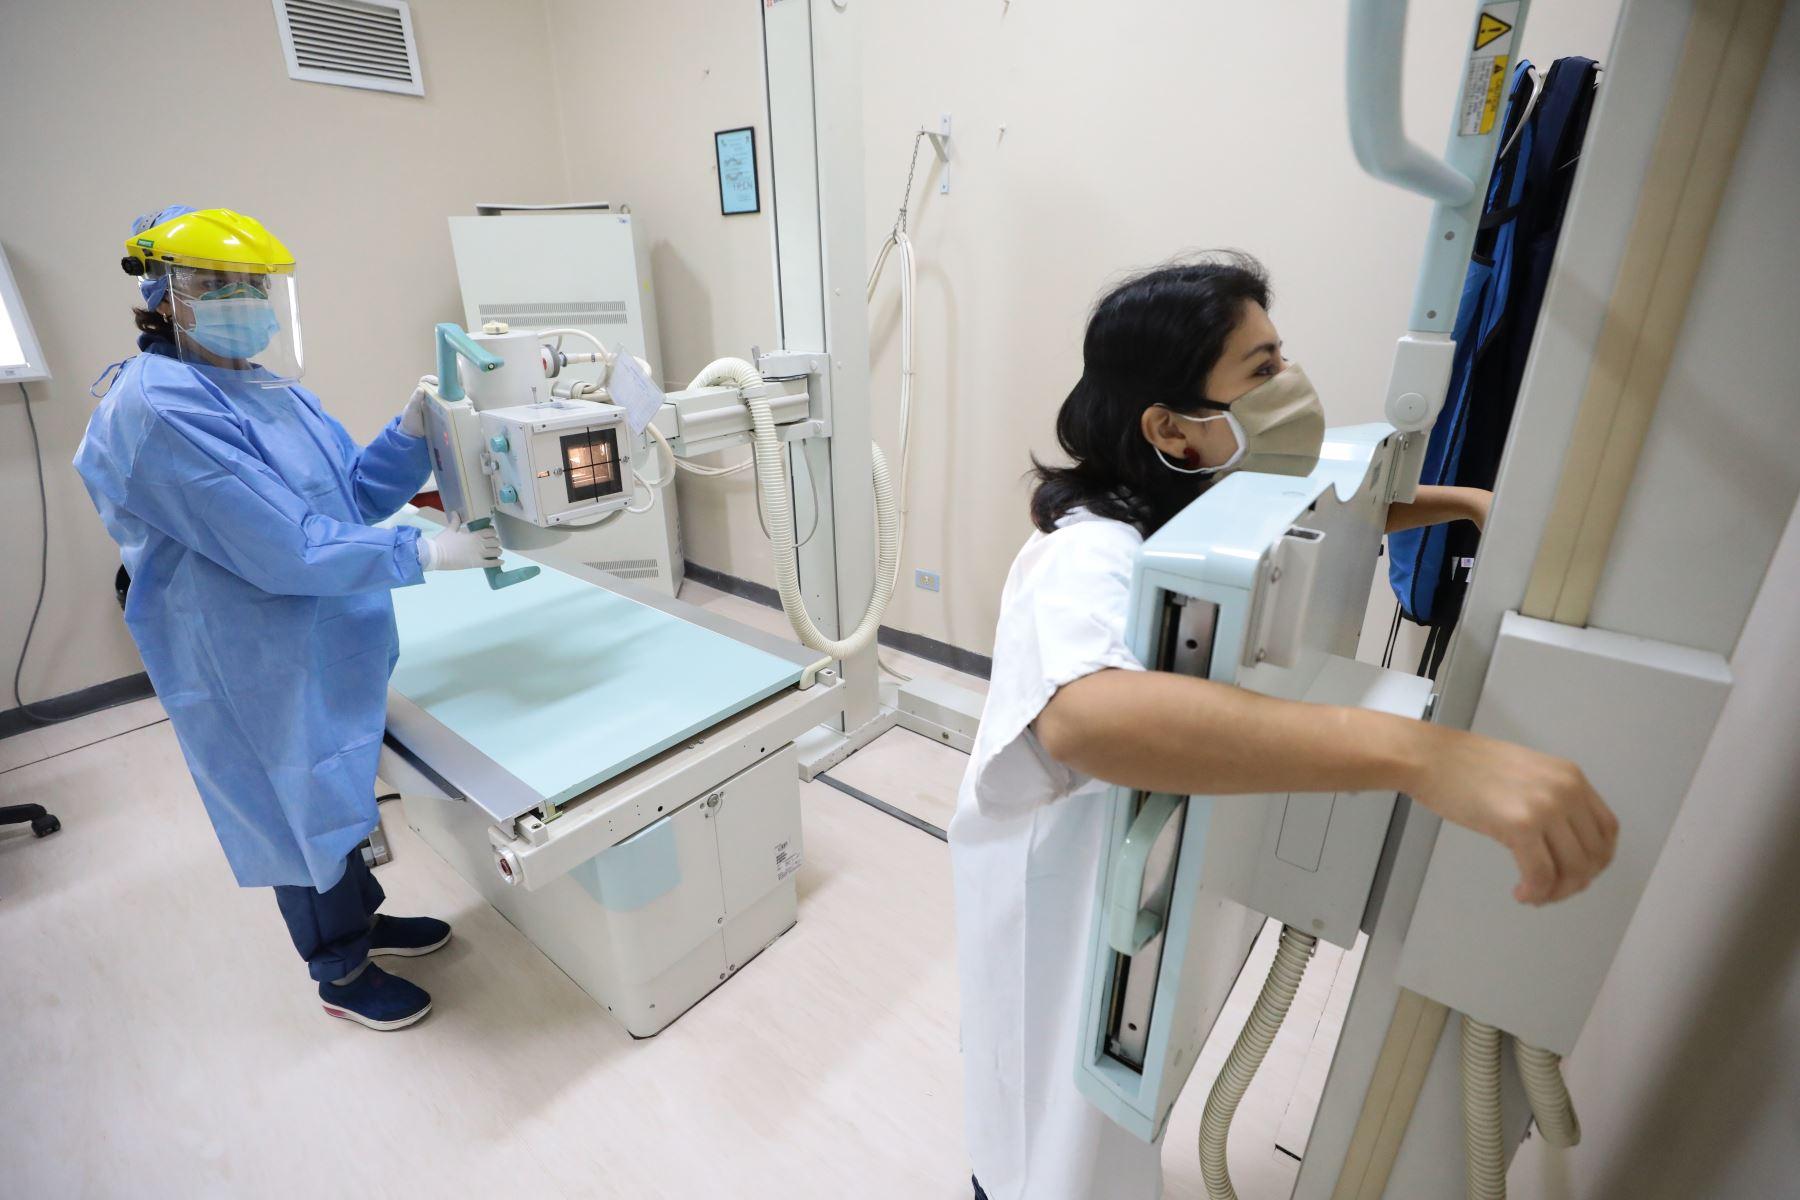 El COP cuenta con equipos de alta tecnología como Rayos X, Mamografía, Densitometría, Ecografía, que permitirán realizar un diagnóstico y tratamiento oportuno para la prevención del cáncer de mama, colón, cérvix, gástrico, próstata y piel. Foto: ANDINA/Essalud